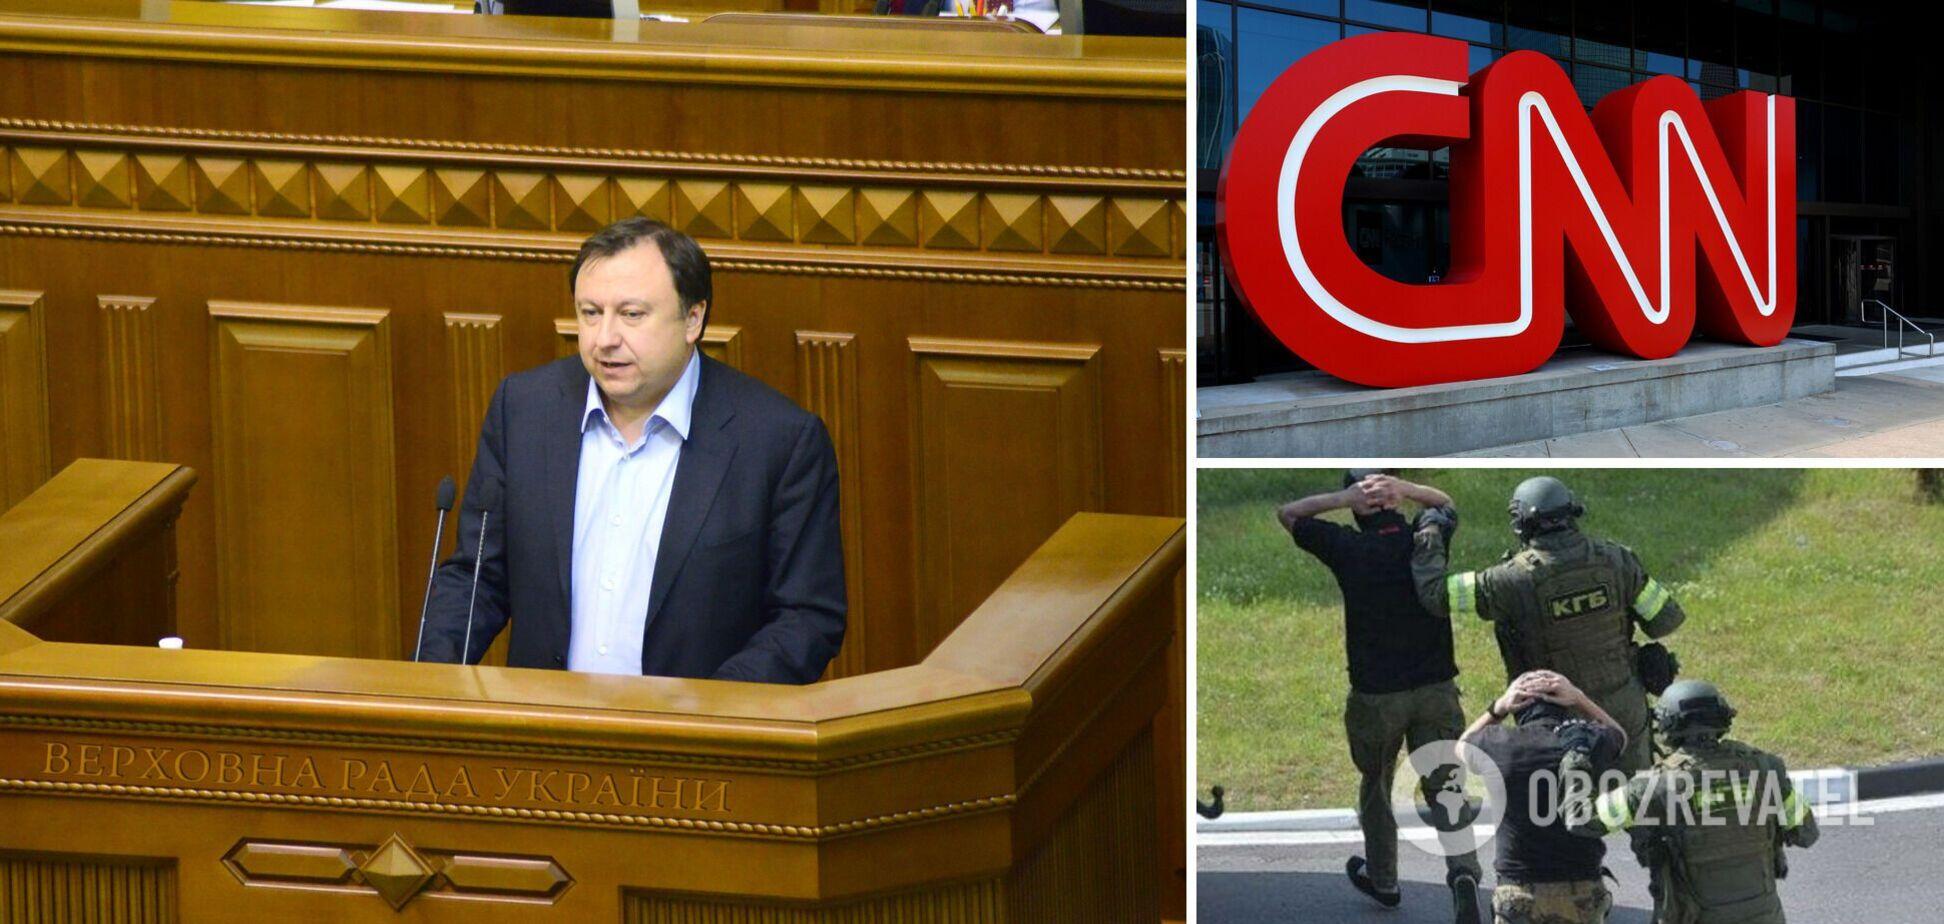 Княжицкий сообщил, что CNN подтвердил, что операцию по задержанию 'вагнеровцев' готовили украинские спецслужбы